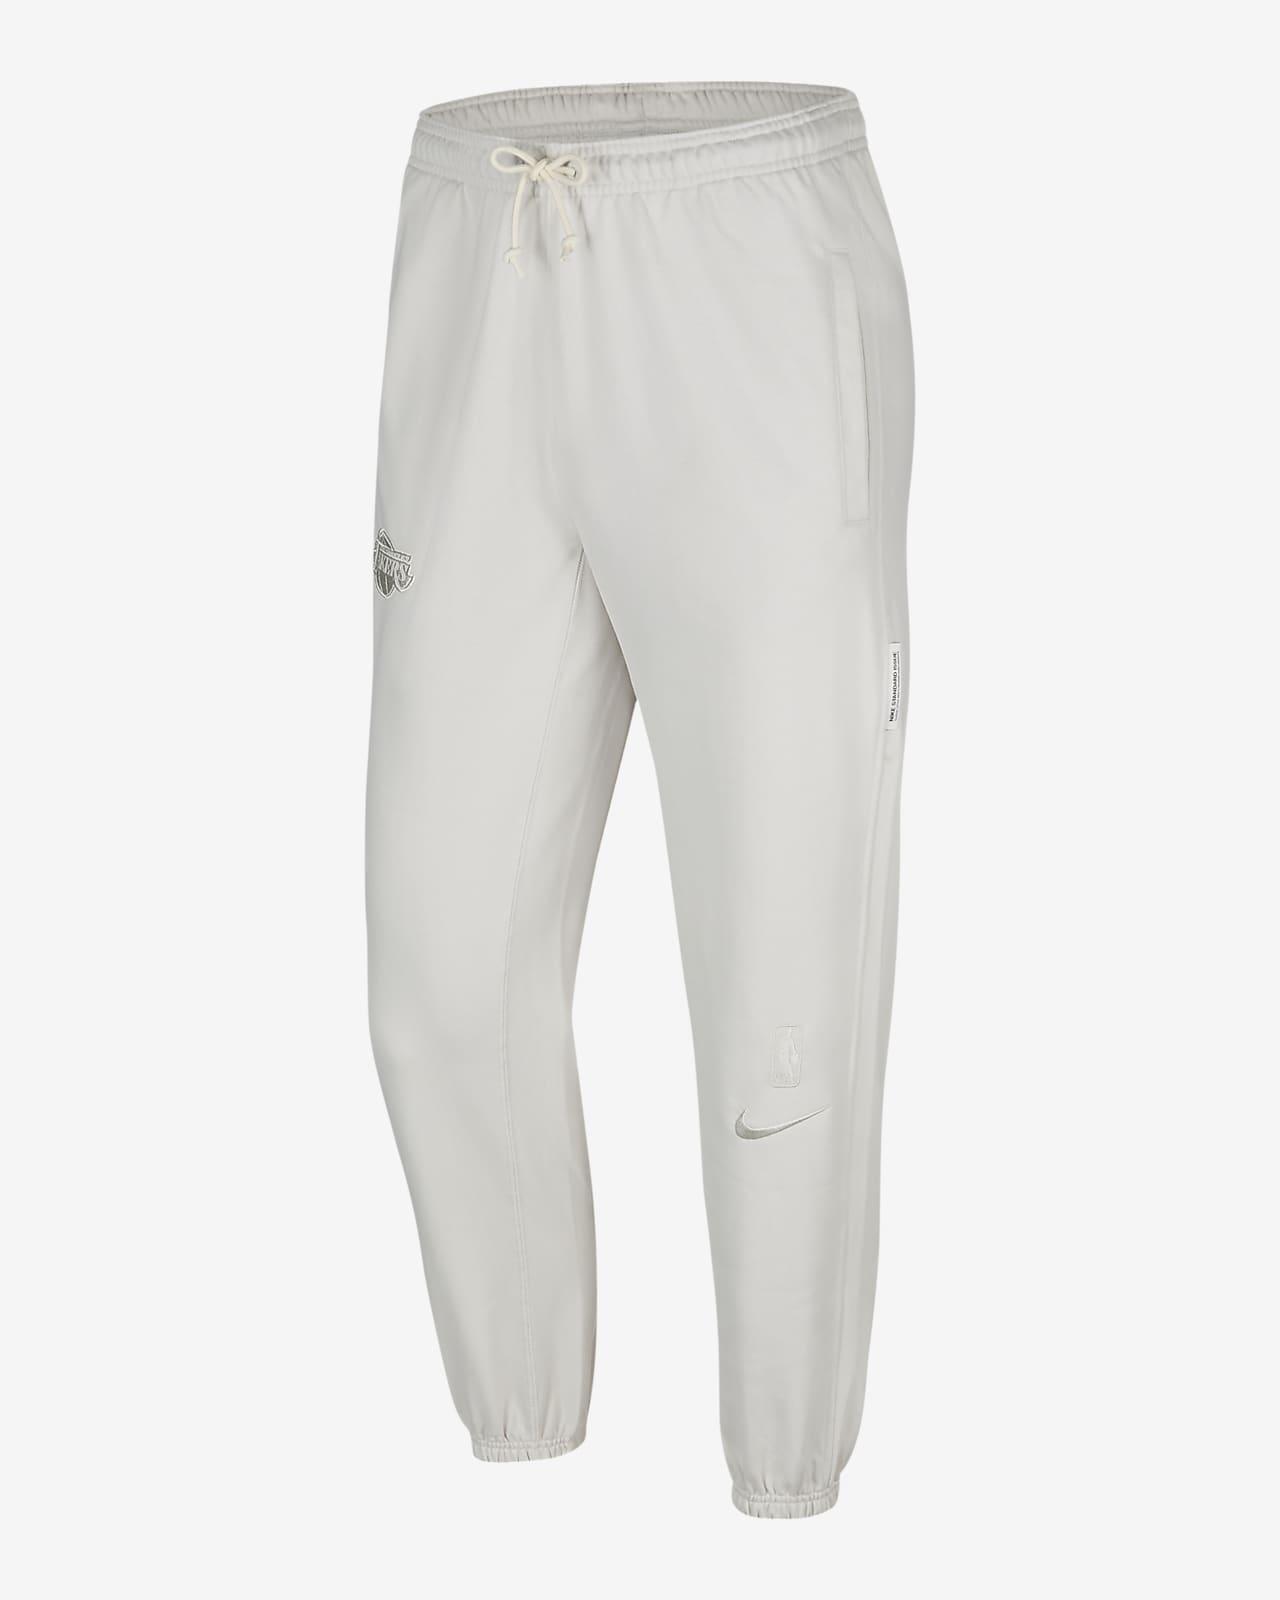 Pantalones de la NBA Nike Dri-FIT para hombre Lakers Standard Issue